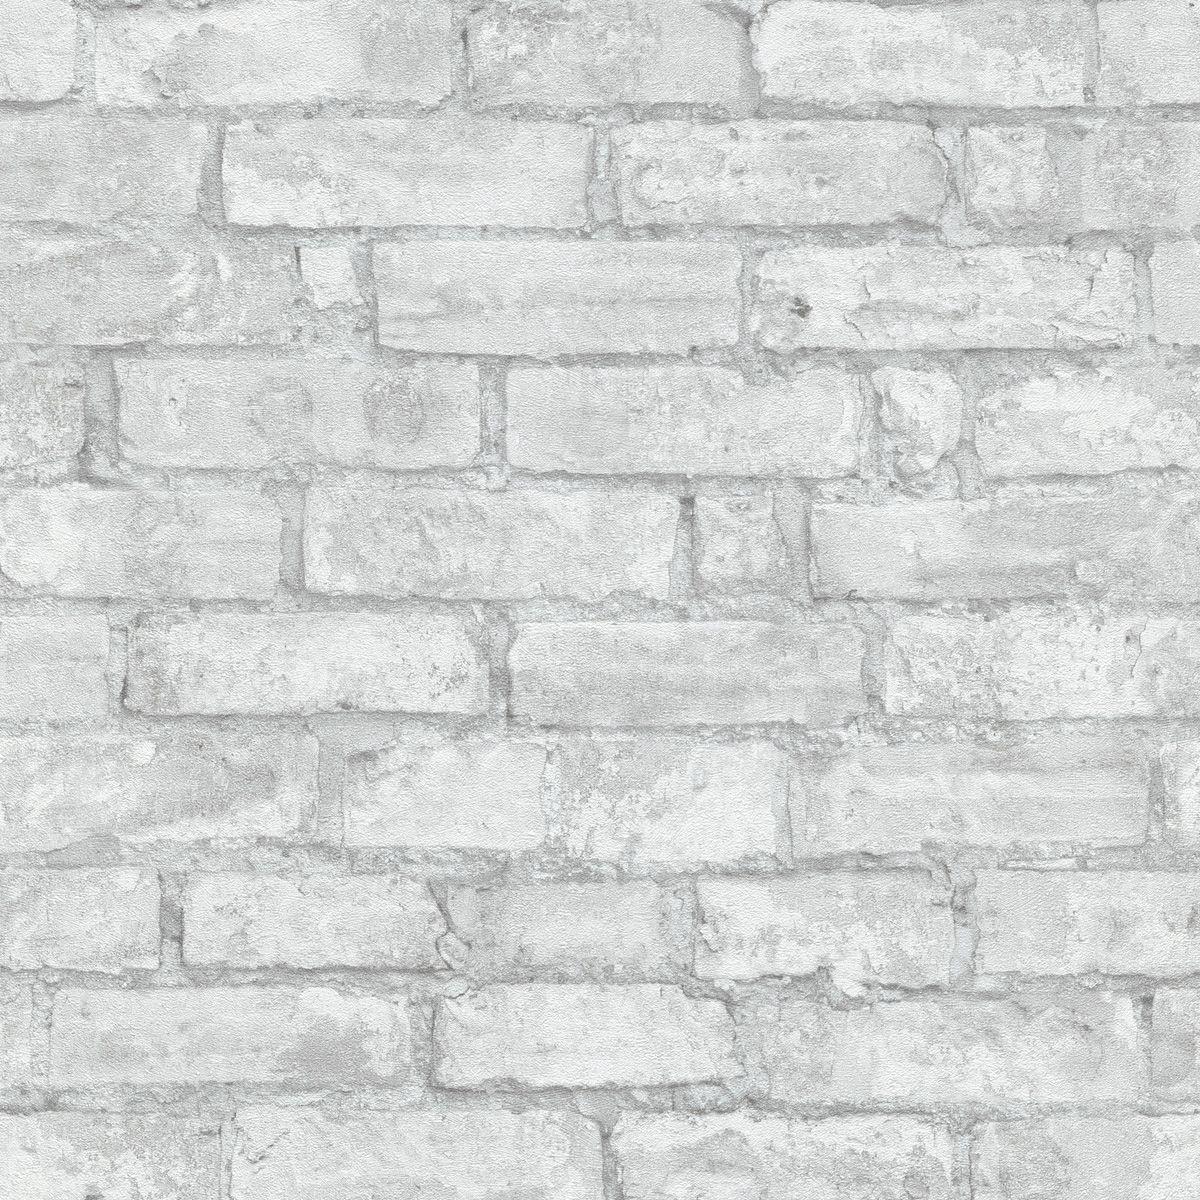 Papier peint vinyl intissé brique blanche Cloverbrick